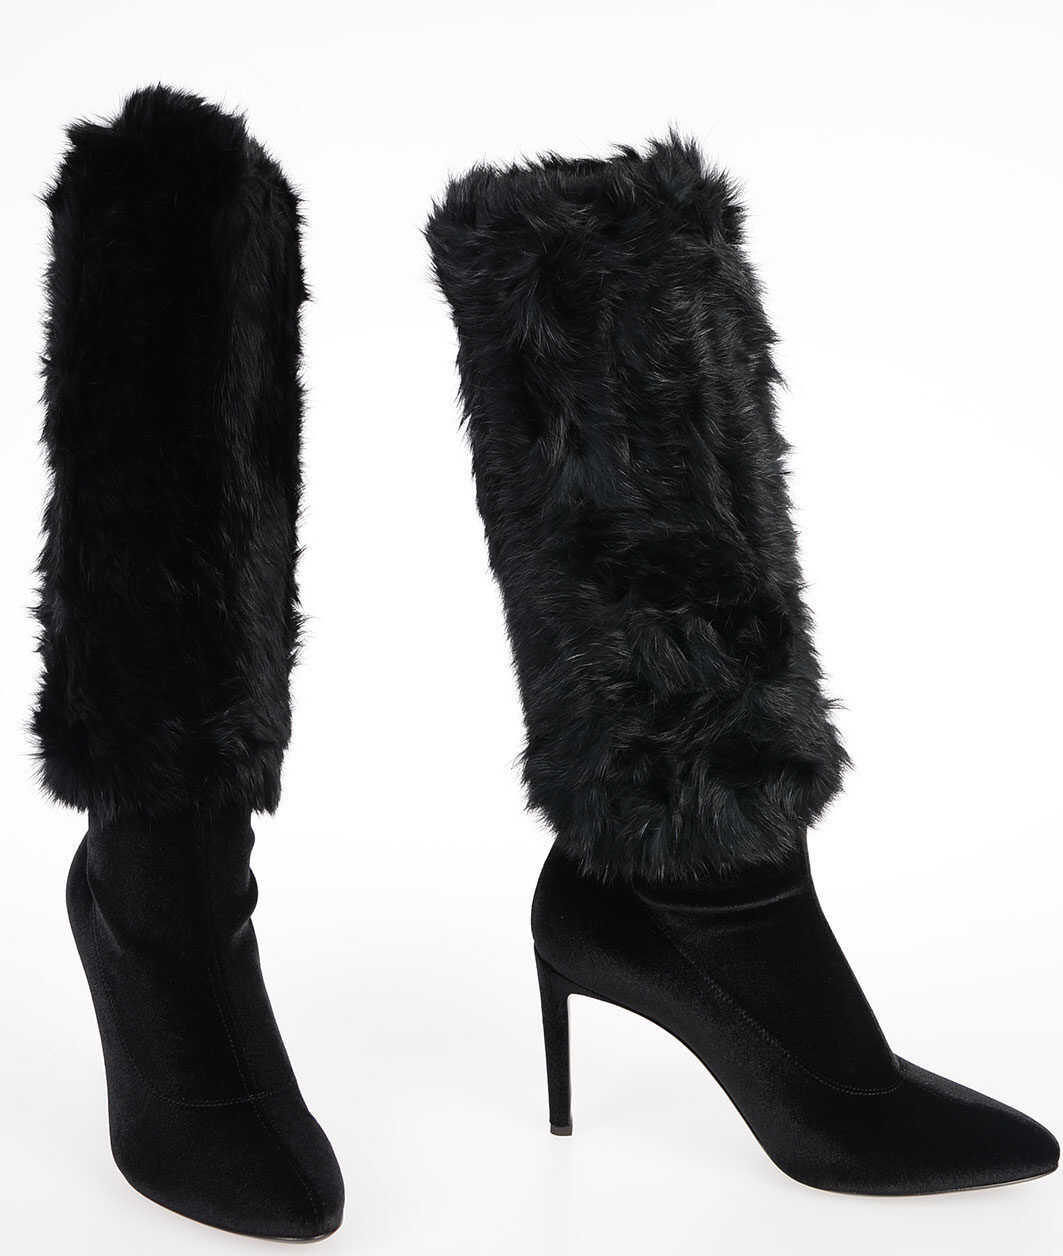 Giuseppe Zanotti 9cm Velvet Real Fur Boots BLACK